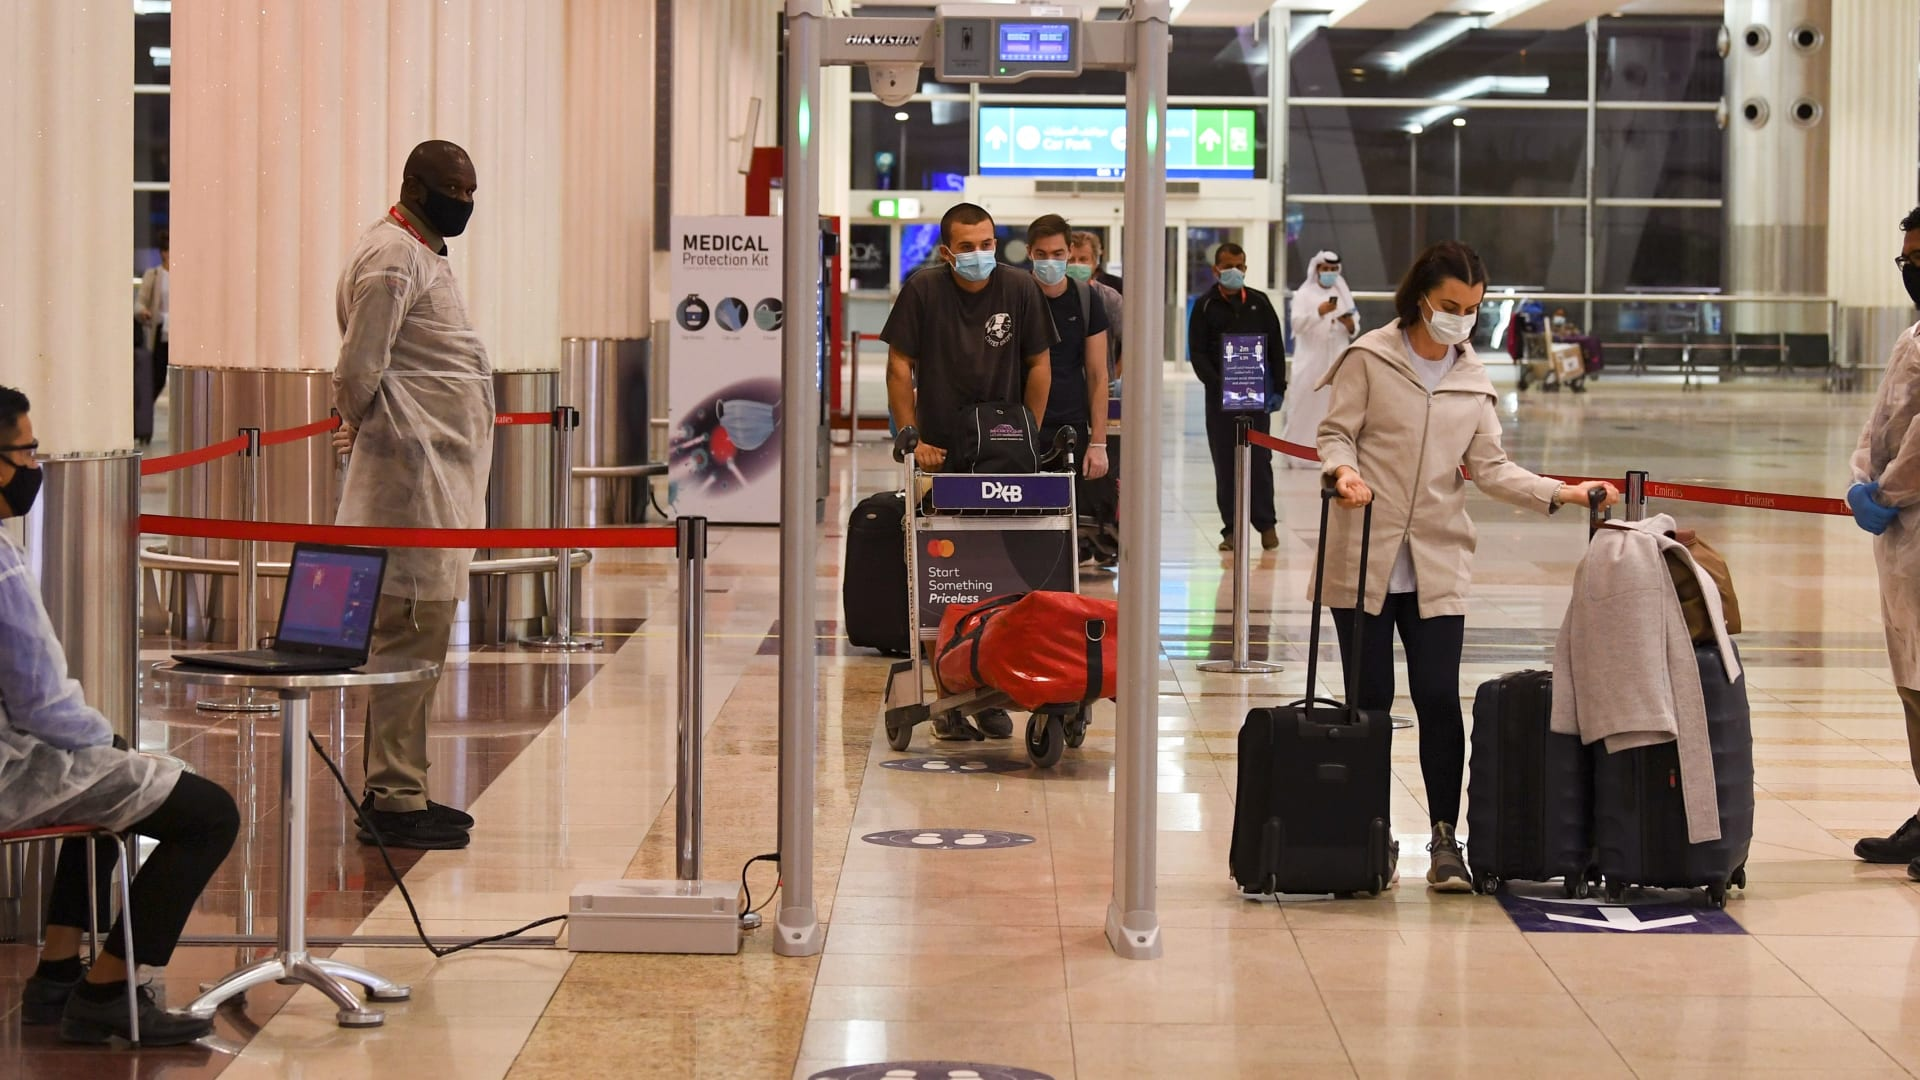 الإمارات تستثني فئات جديدة من المسافرين من بعض الدول التي منع القدوم منها.. من هم؟